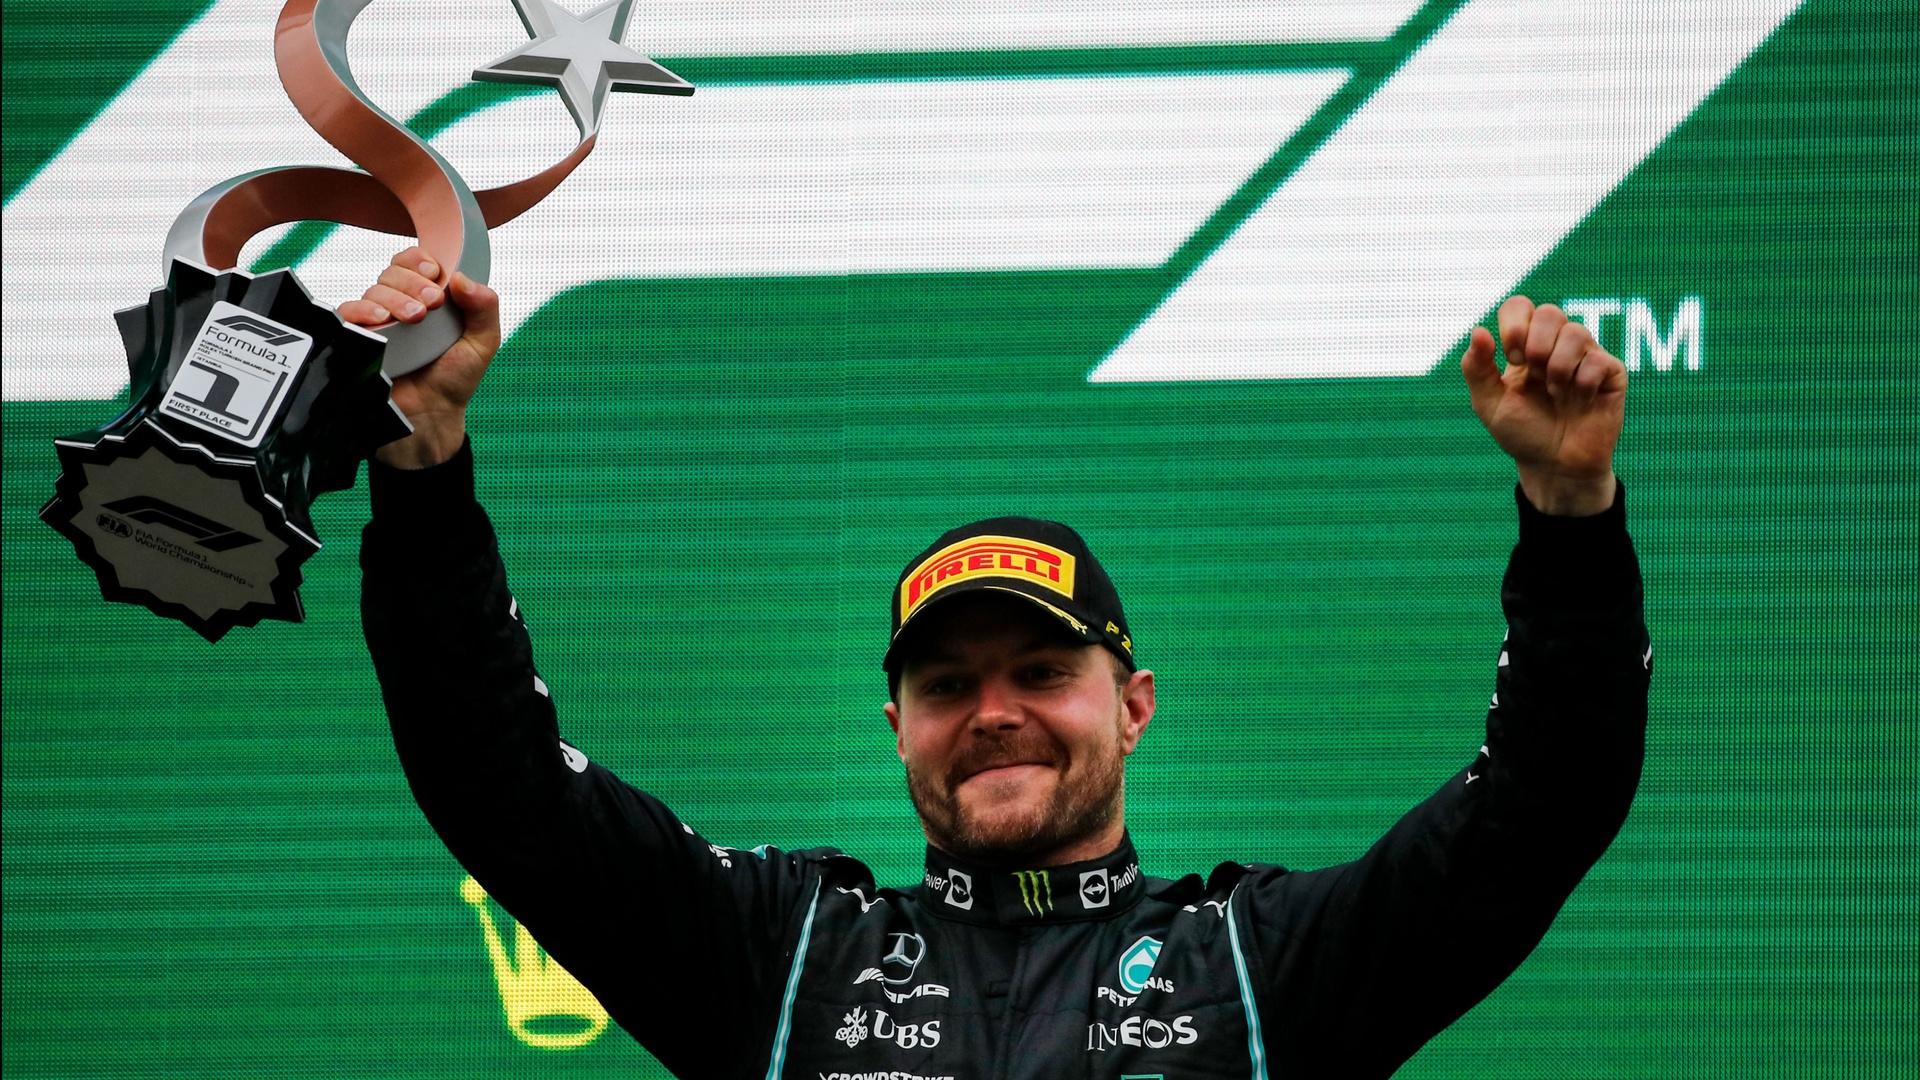 بوتاس سائق مرسيدس يفوز بسباق جائزة تركيا الكبرى